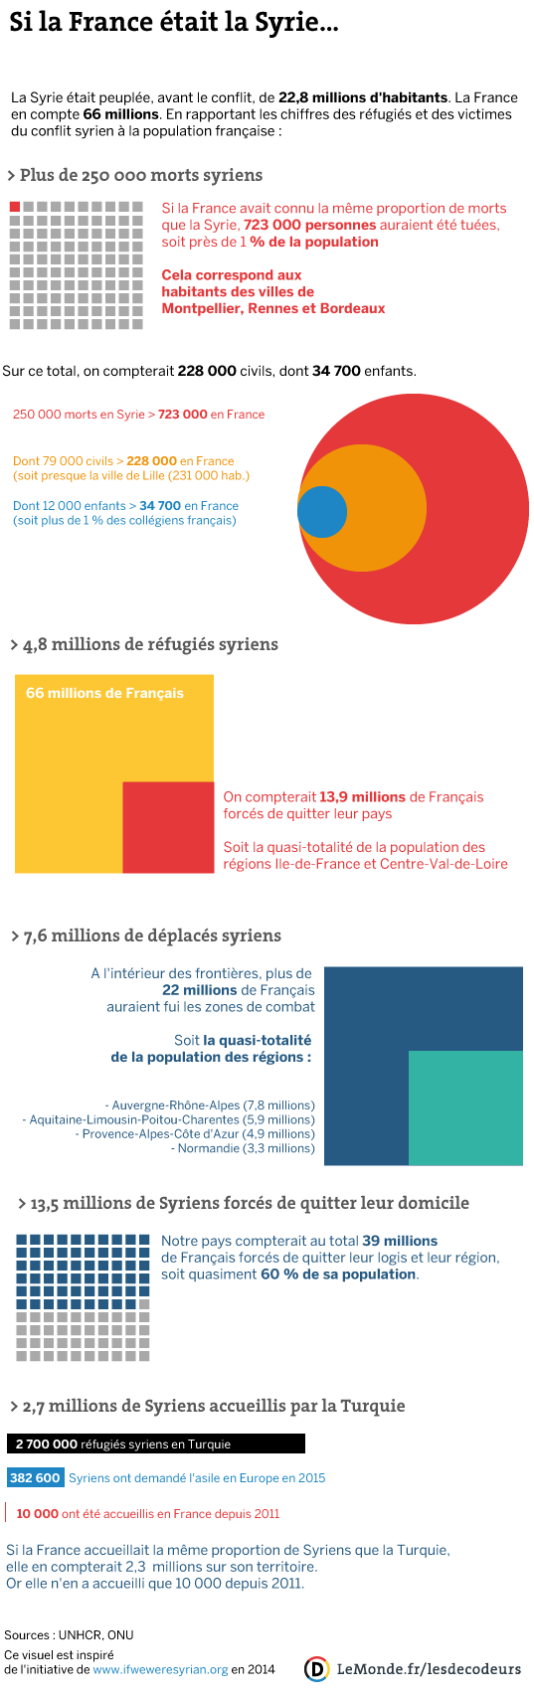 Si la France était la Syrie.